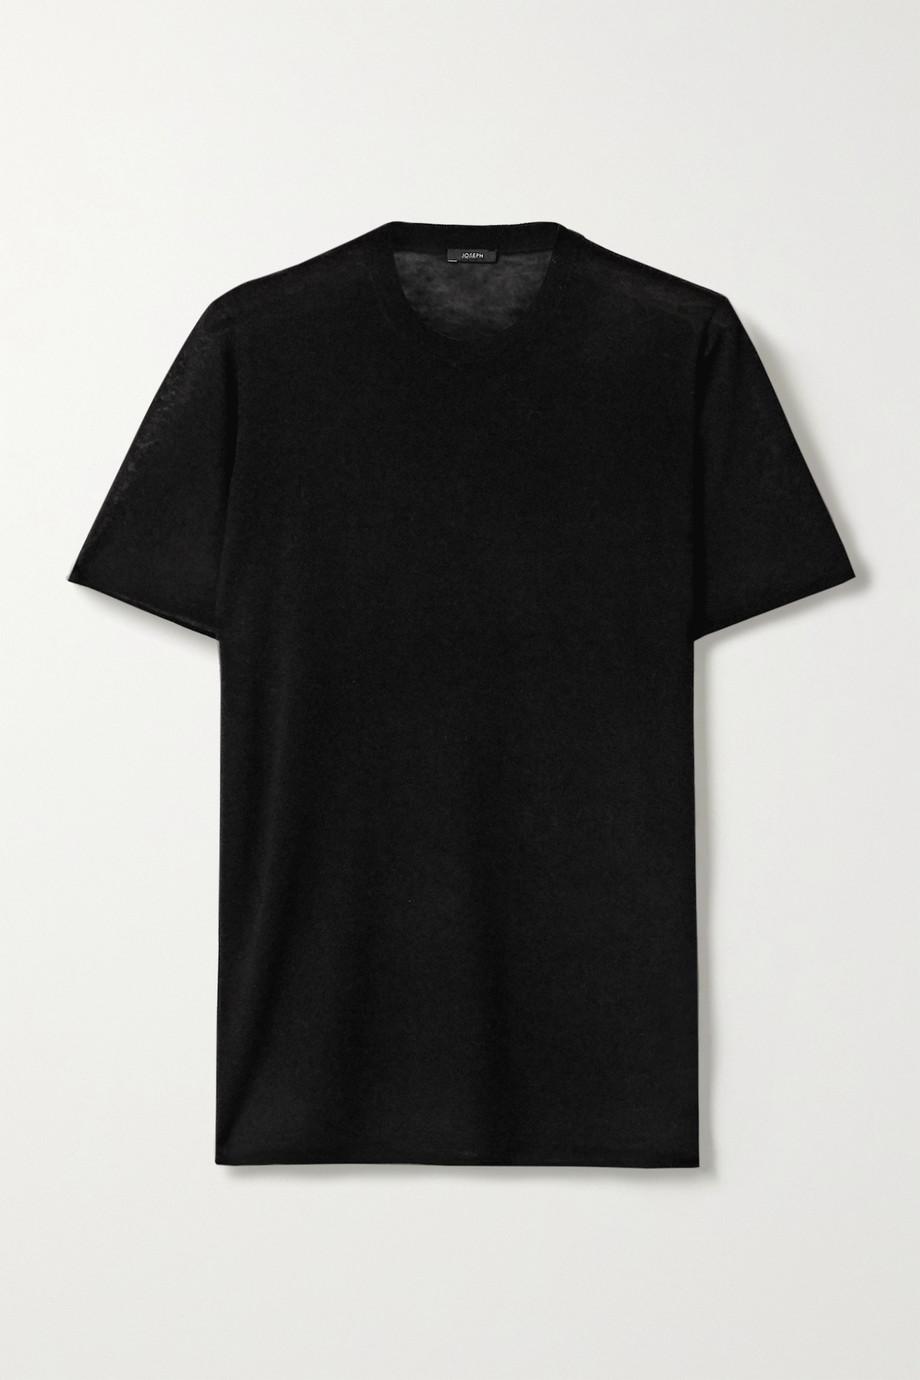 Joseph 羊绒 T 恤